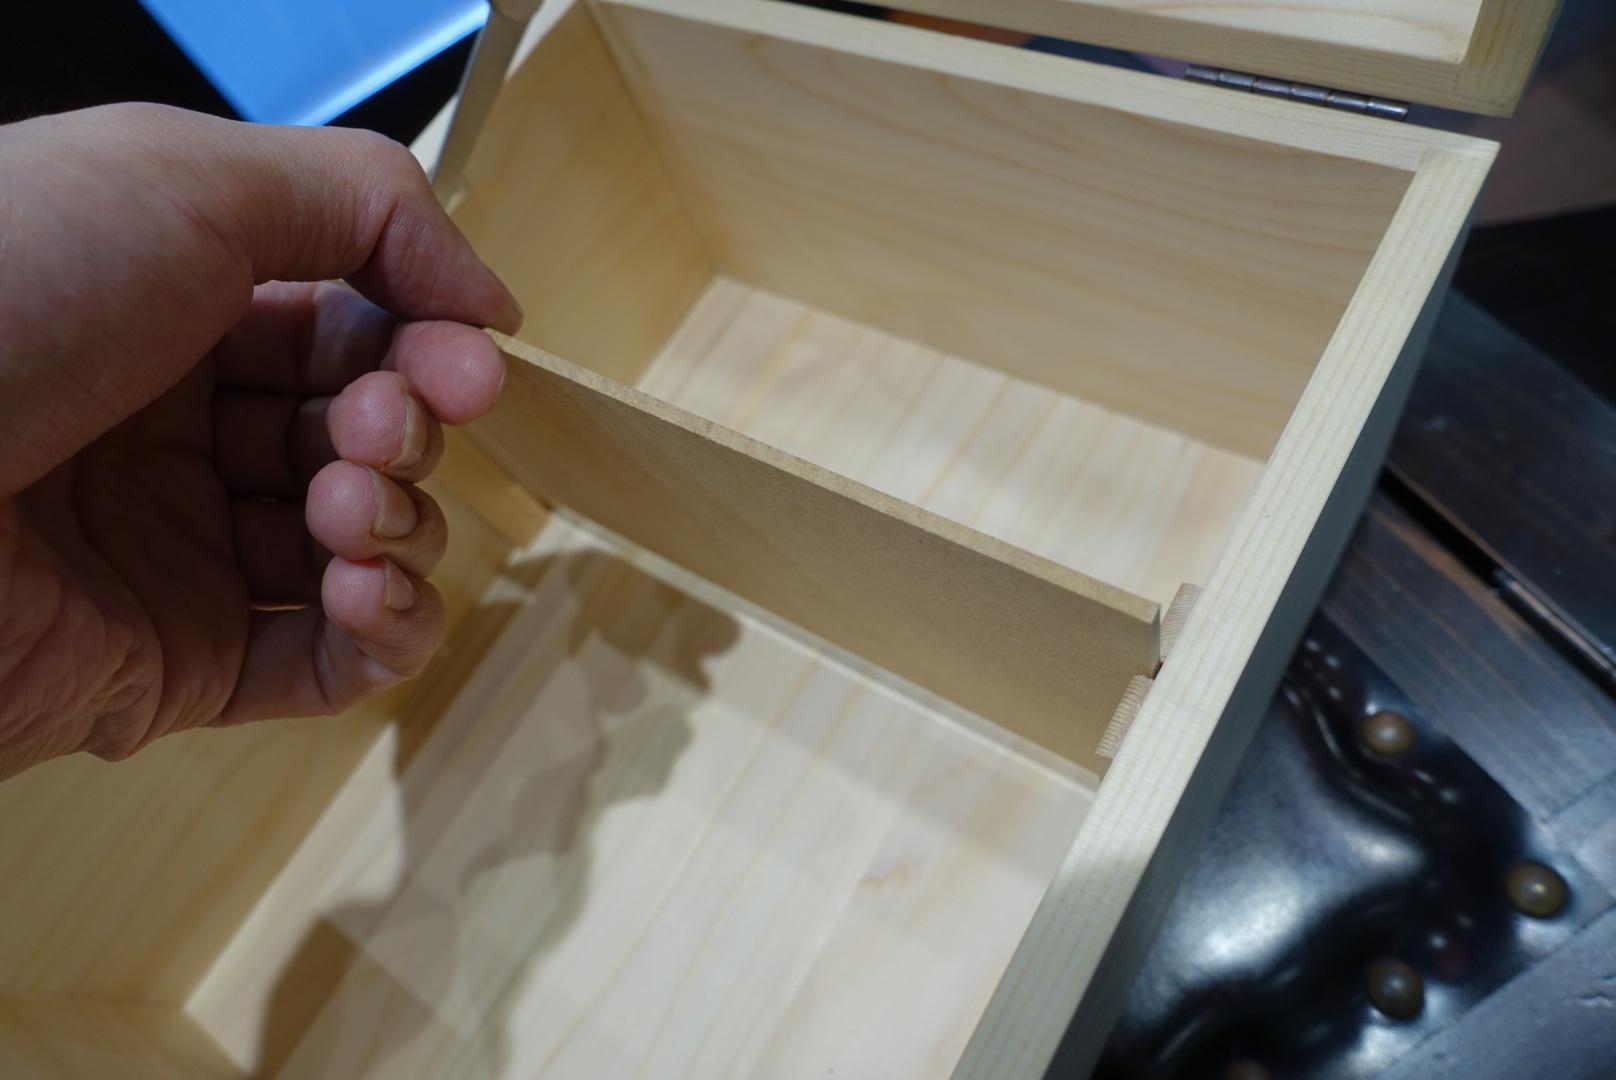 【信州・木曽の檜を使用したシューケアボックスをパターンオーダー】_b0226322_19453778.jpg